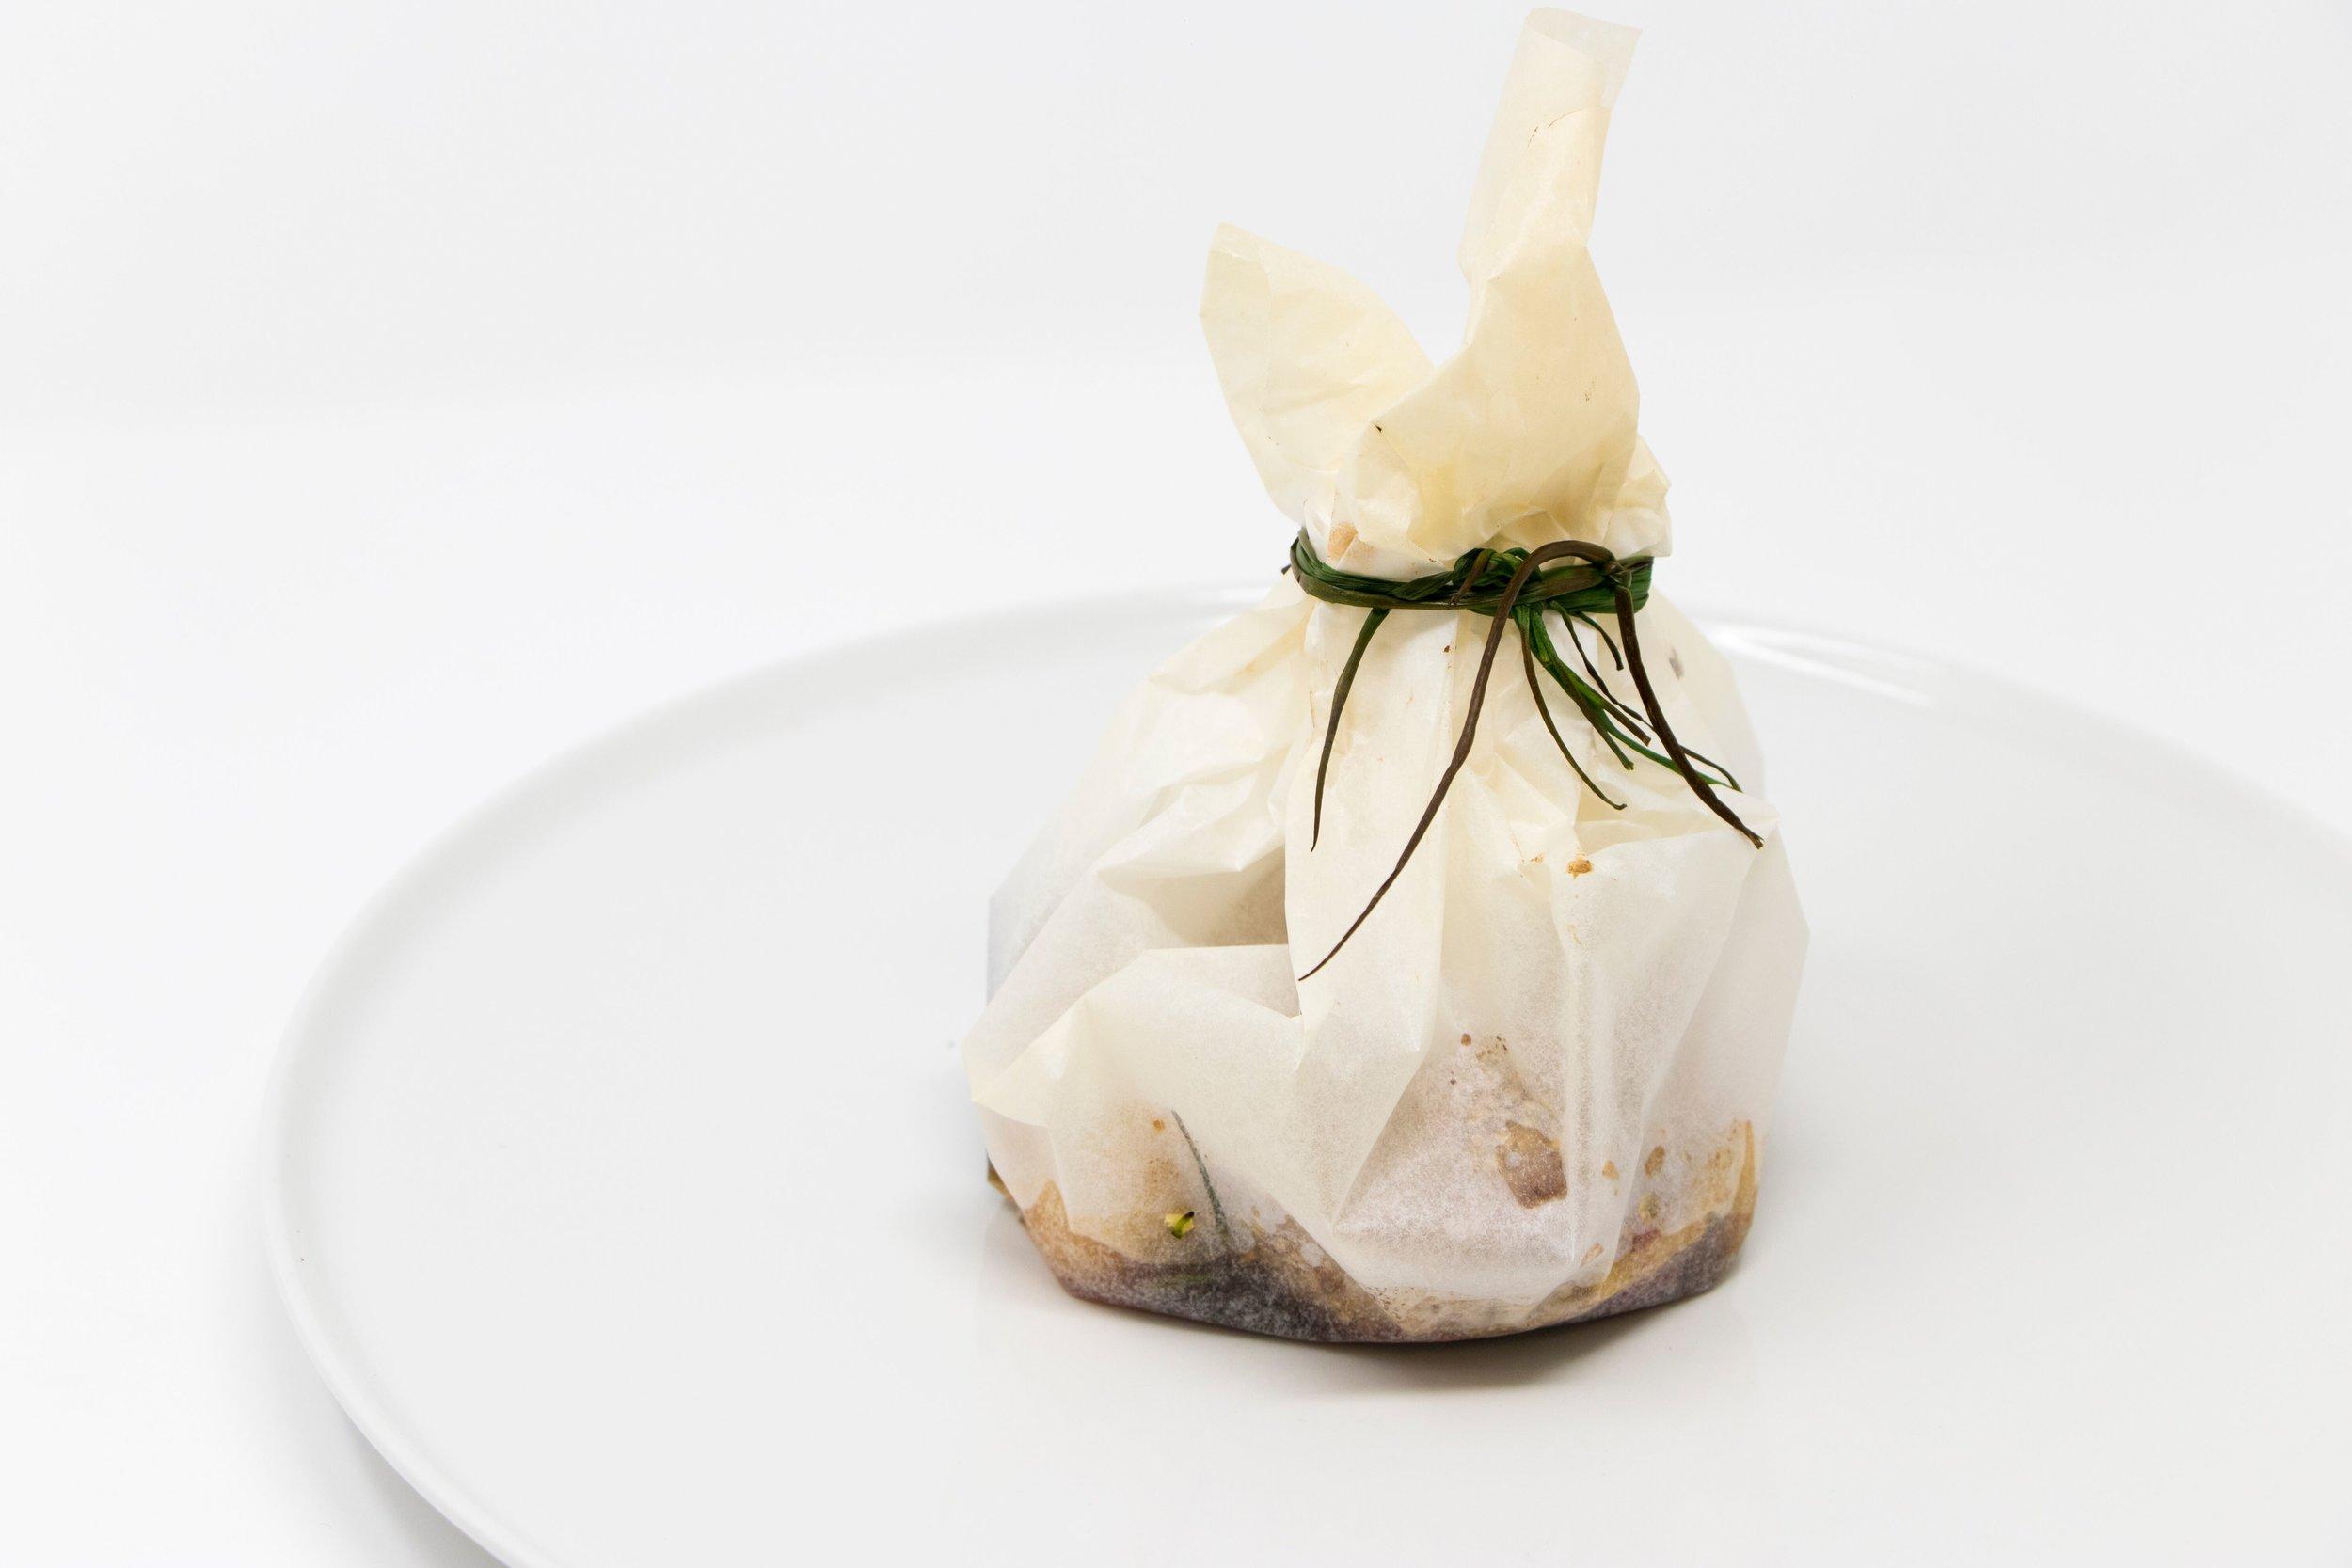 Cartoccio tonno e verdure (tuna and vegetable). Photo by Daruma.